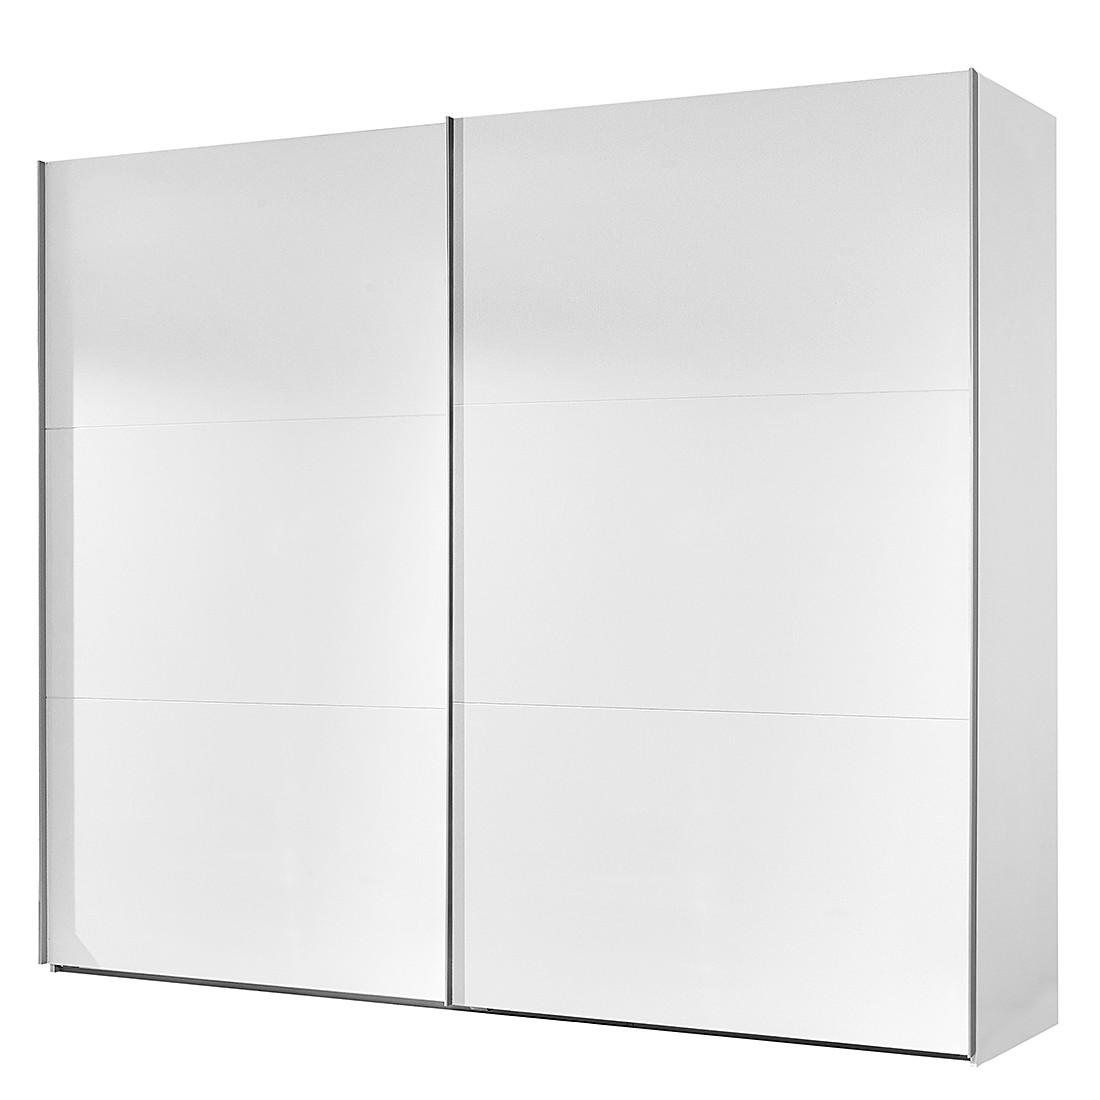 Armoire à portes coulissantes Medley - Blanc alpin - Largeur x hauteur : 225 x 210 cm - 2 portes, Wi